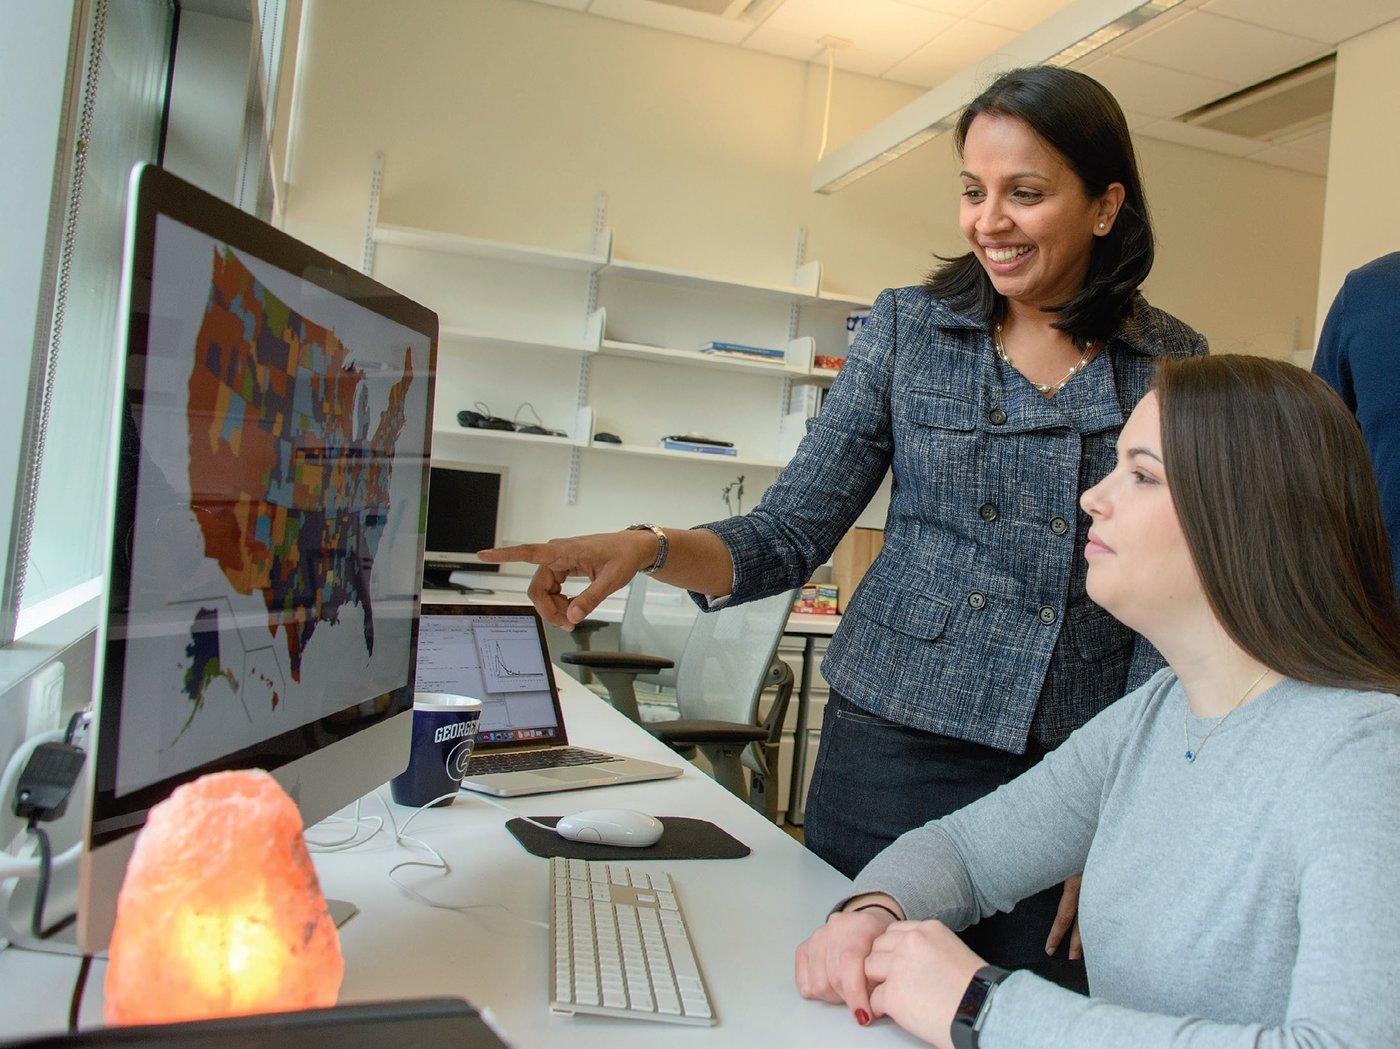 Shweta Bansal, an assistant professor of biology at Georgetown